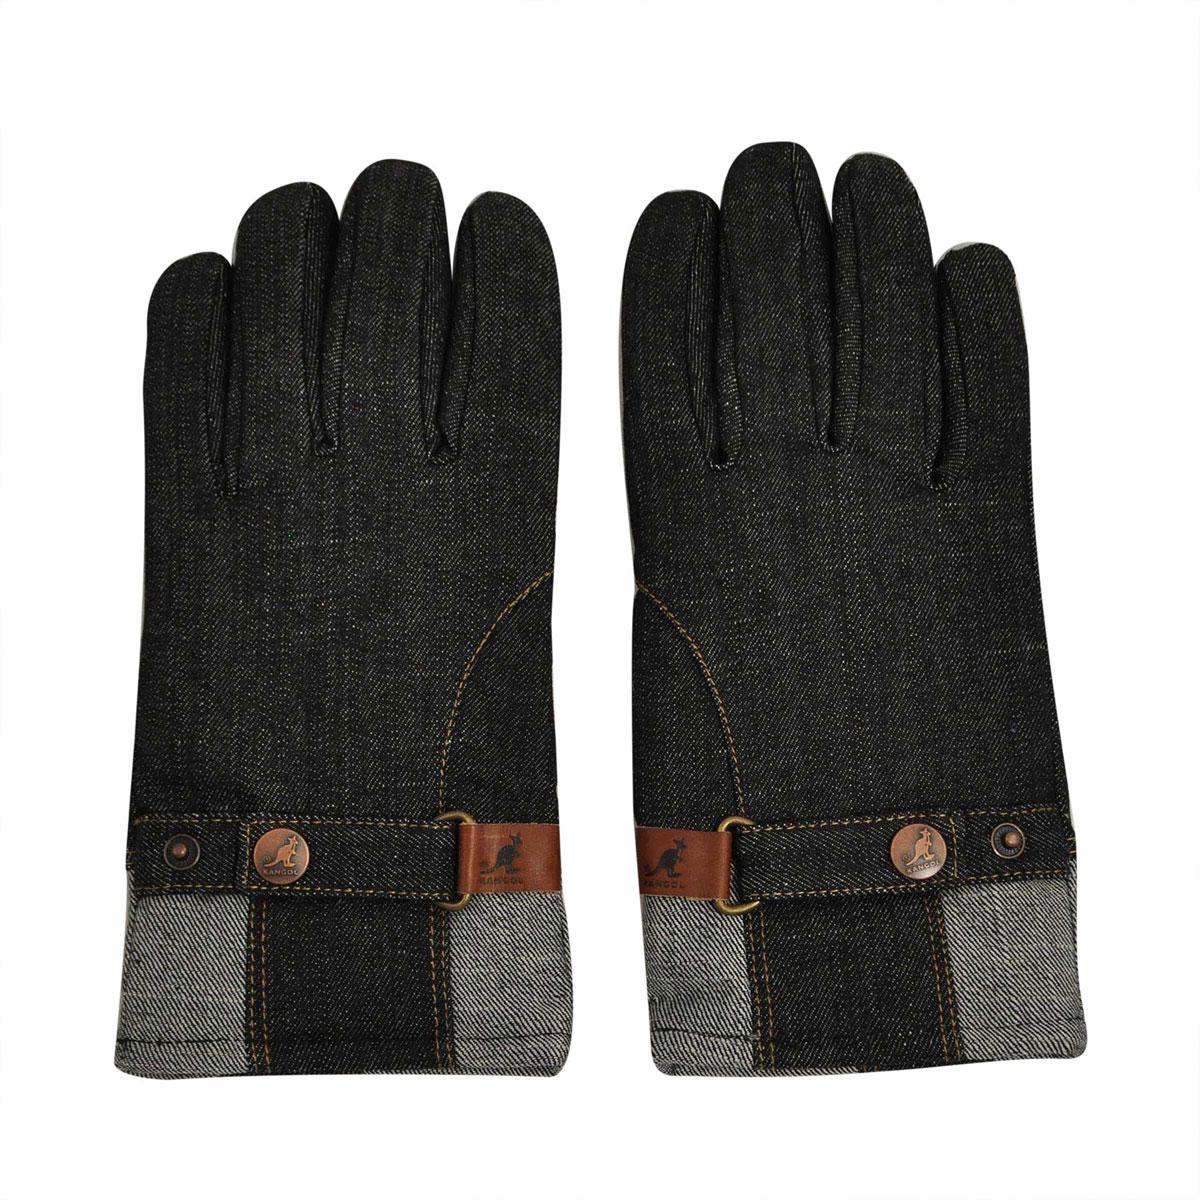 Kangol Belted Denim Glove in Denim